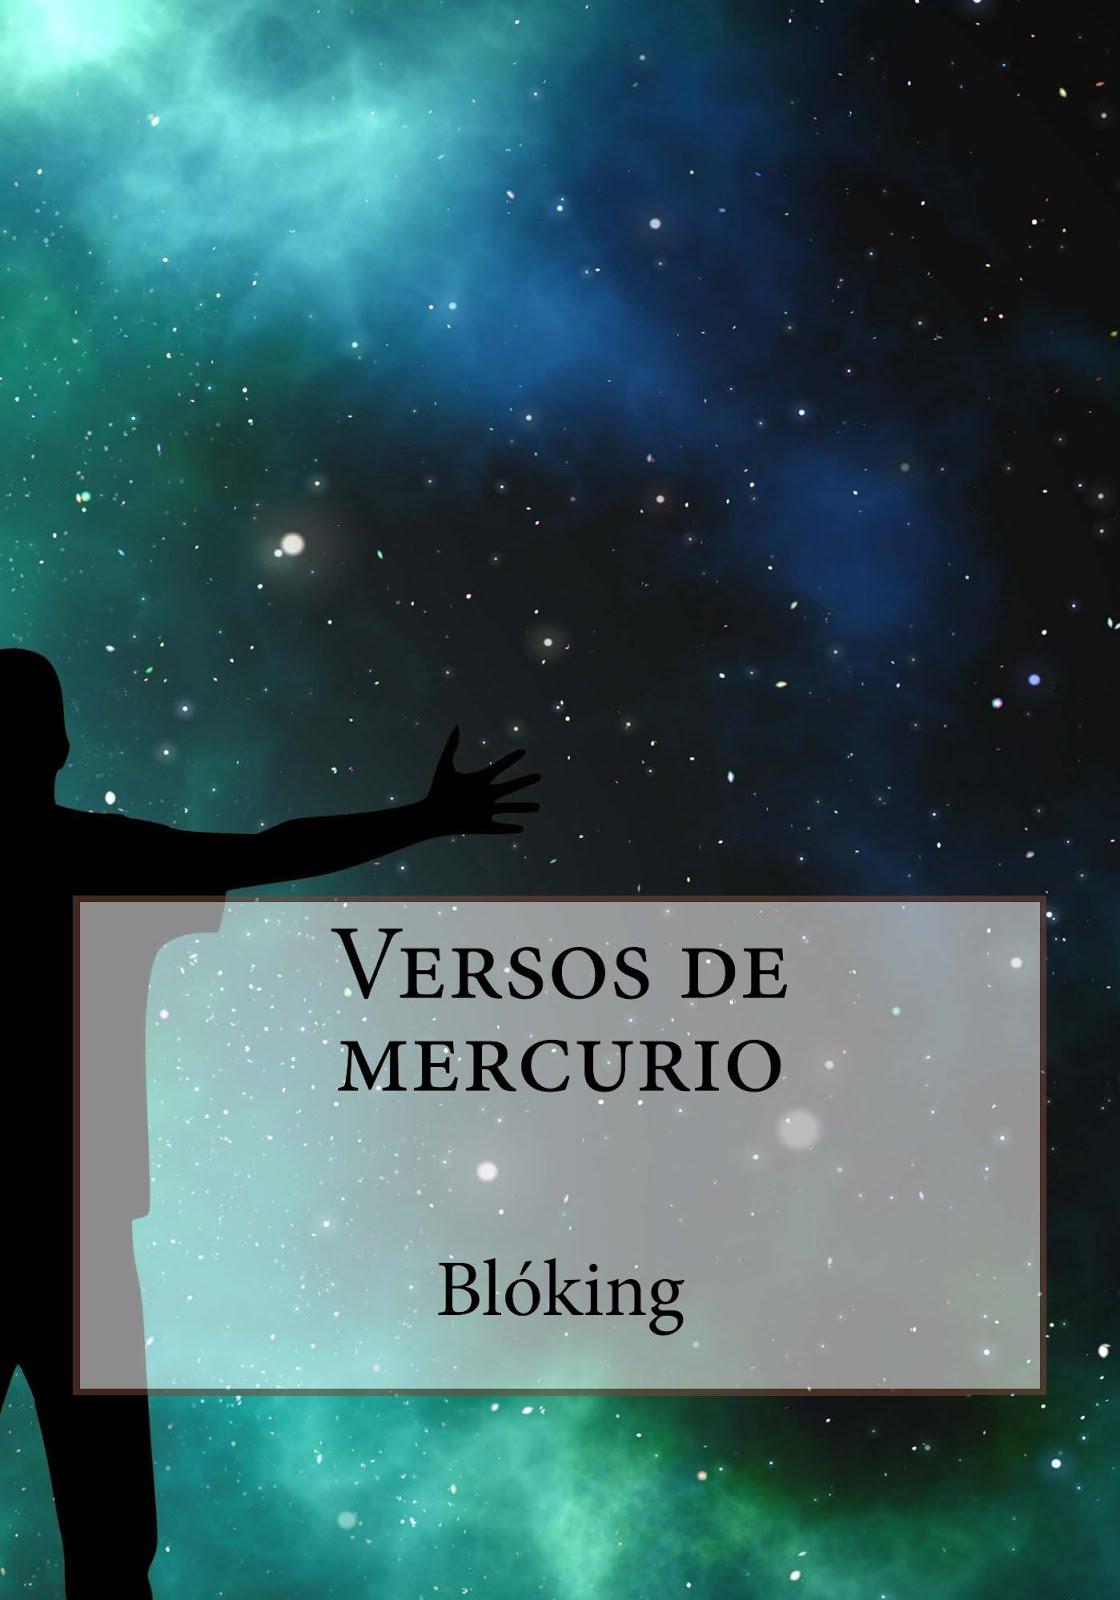 #Obra 34 - Versos de Mercurio